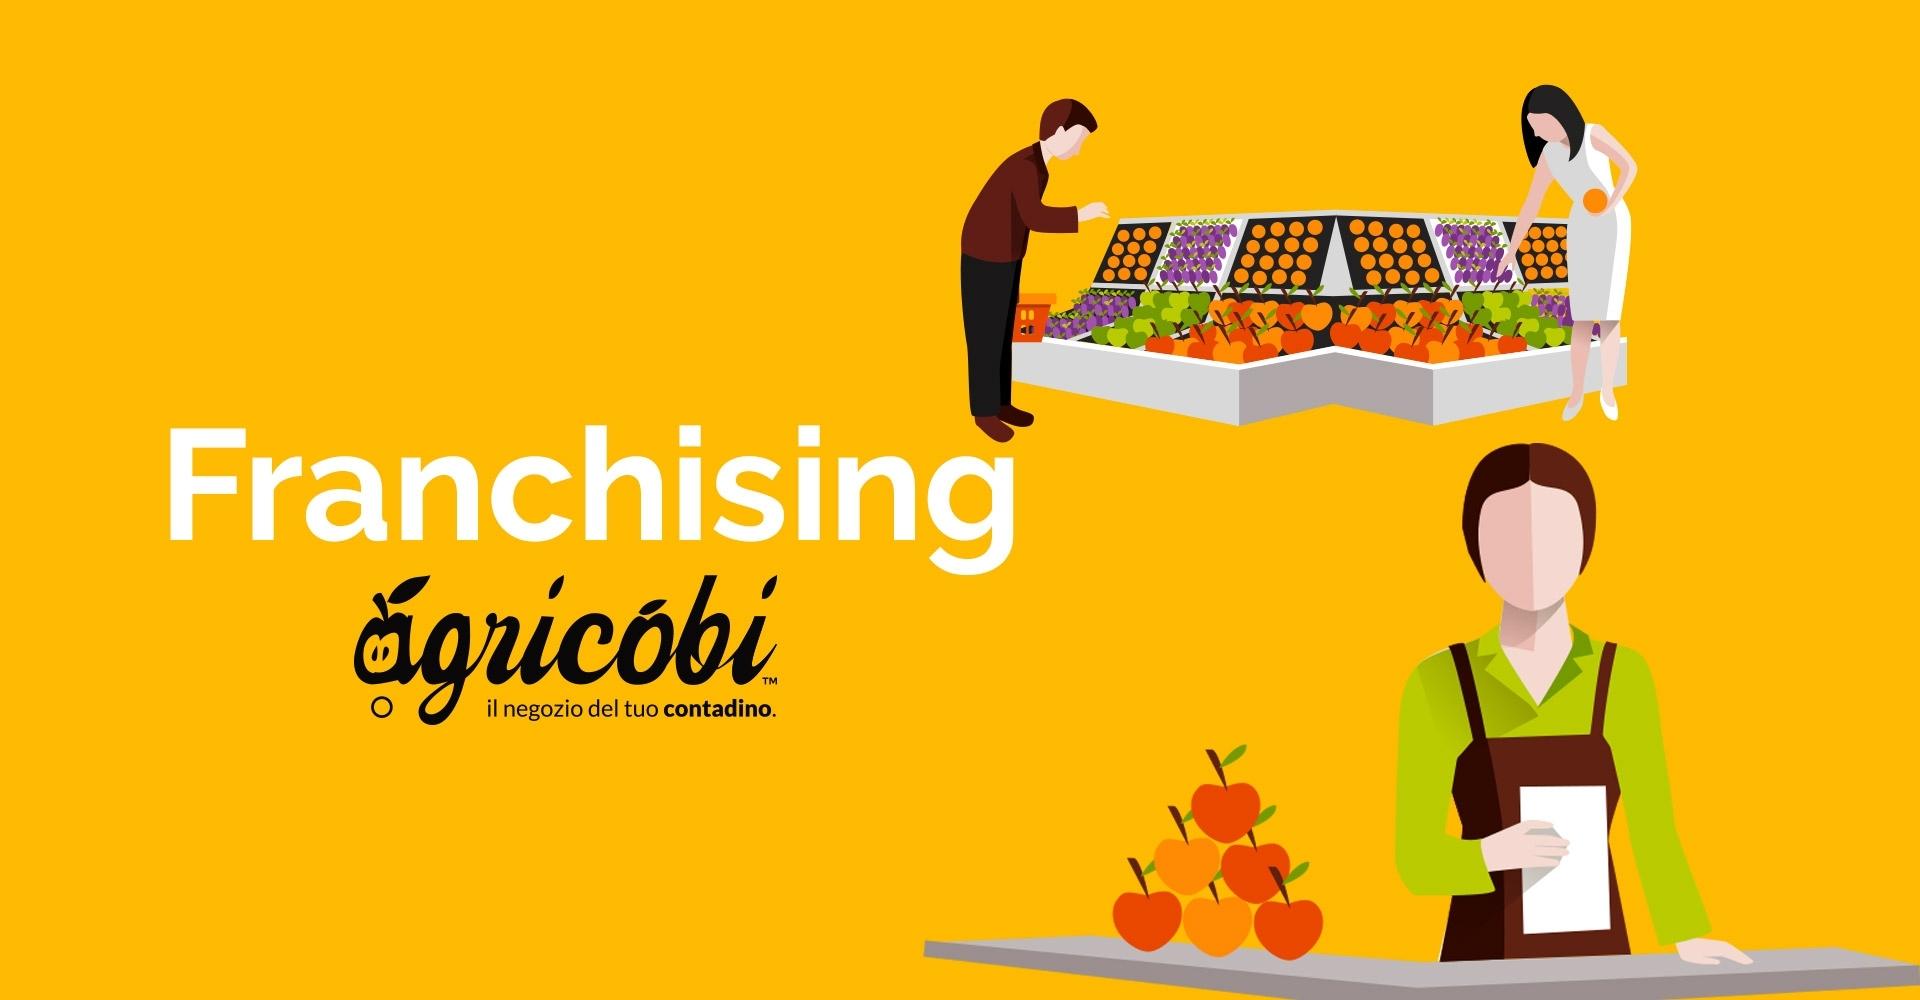 Agricobi - Aprire un negozio in franchising